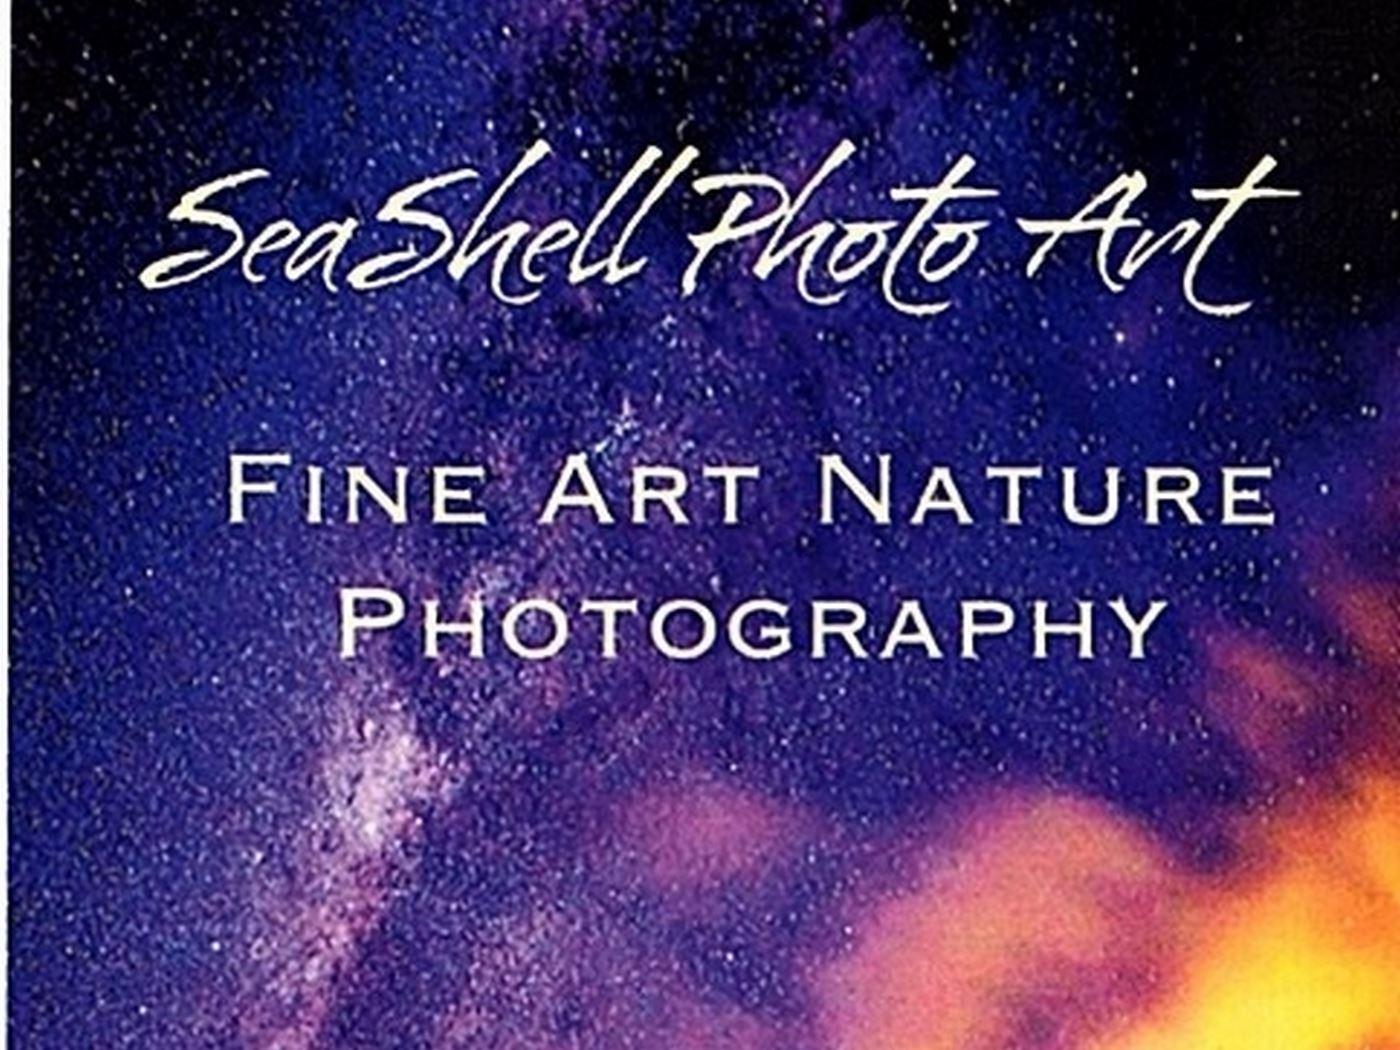 Sea Shell Photo Art